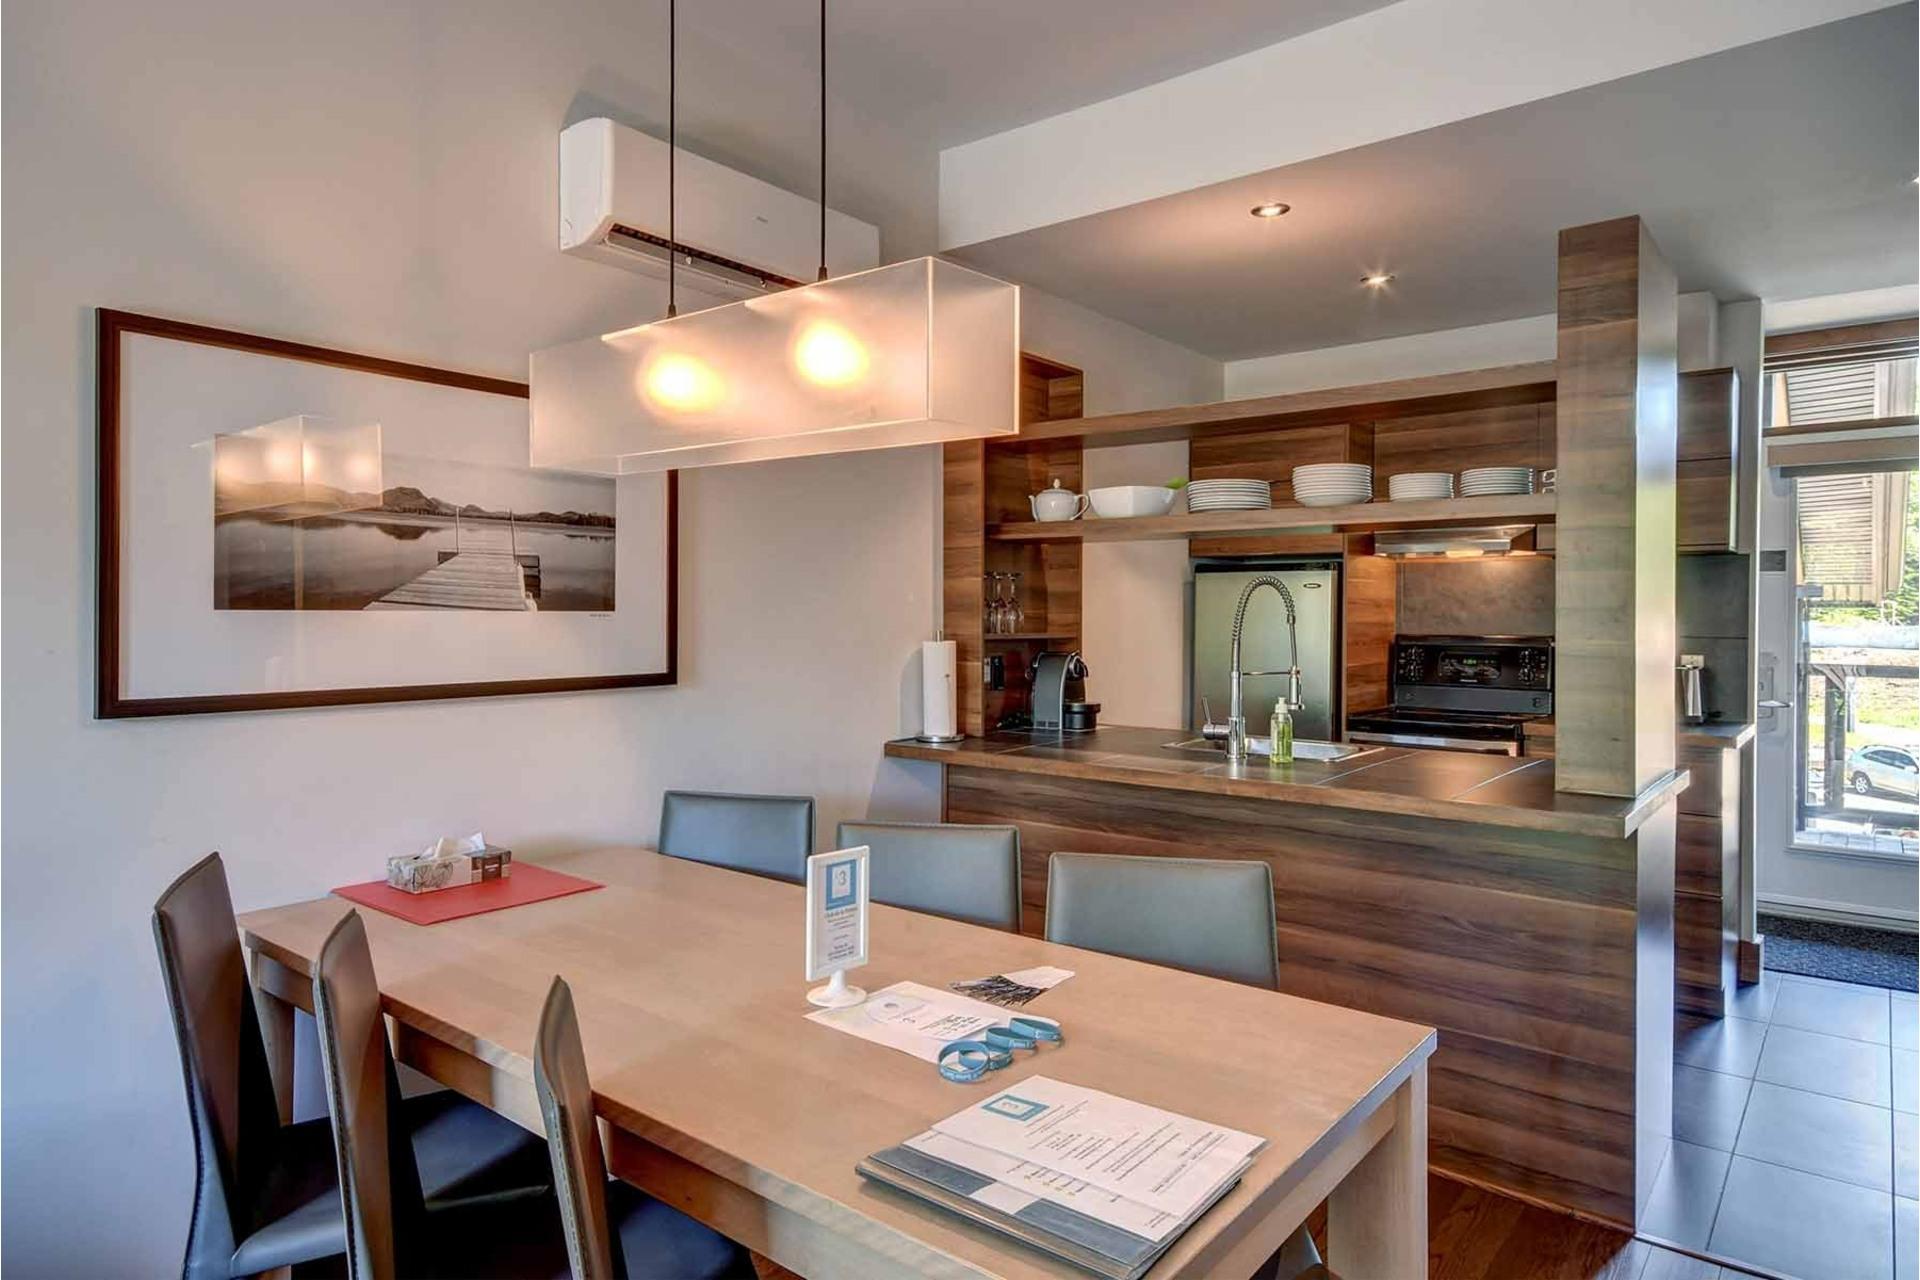 image 5 - Appartement À vendre Lac-Supérieur - 6 pièces